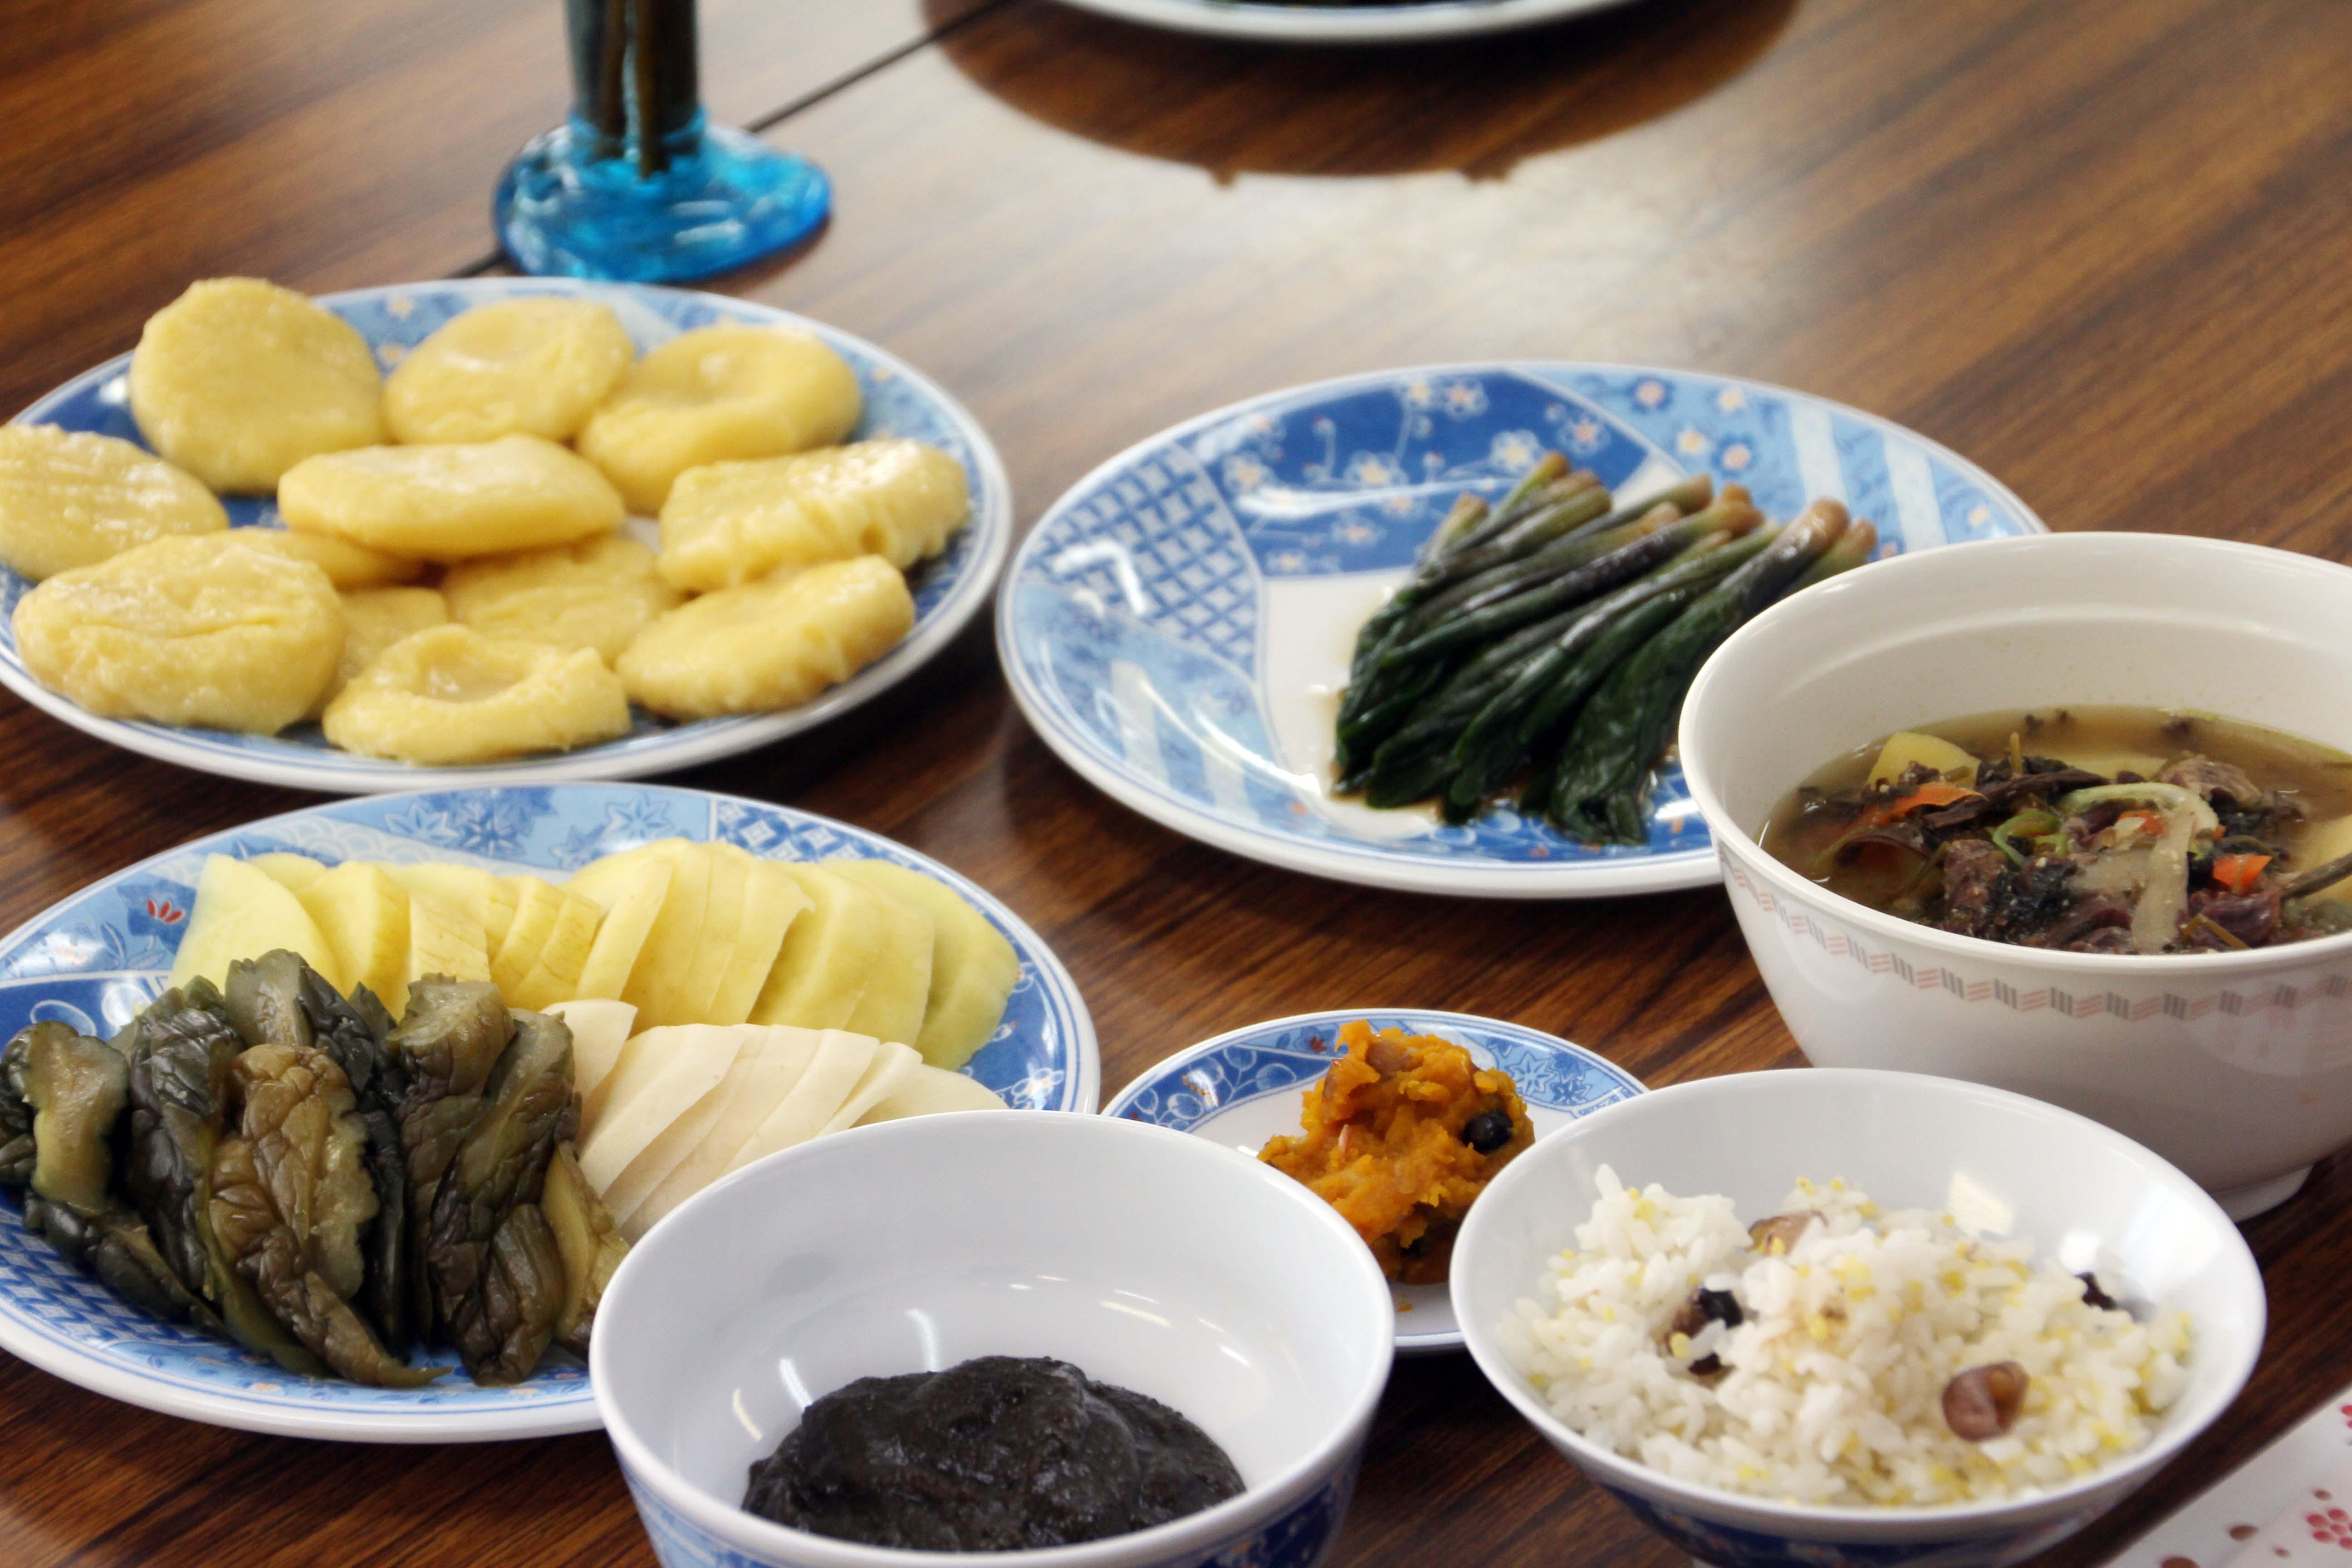 アイヌ伝統料理を学ぶ旅 平取町リテージモニターツアー 札幌発着 (2/28) 札幌